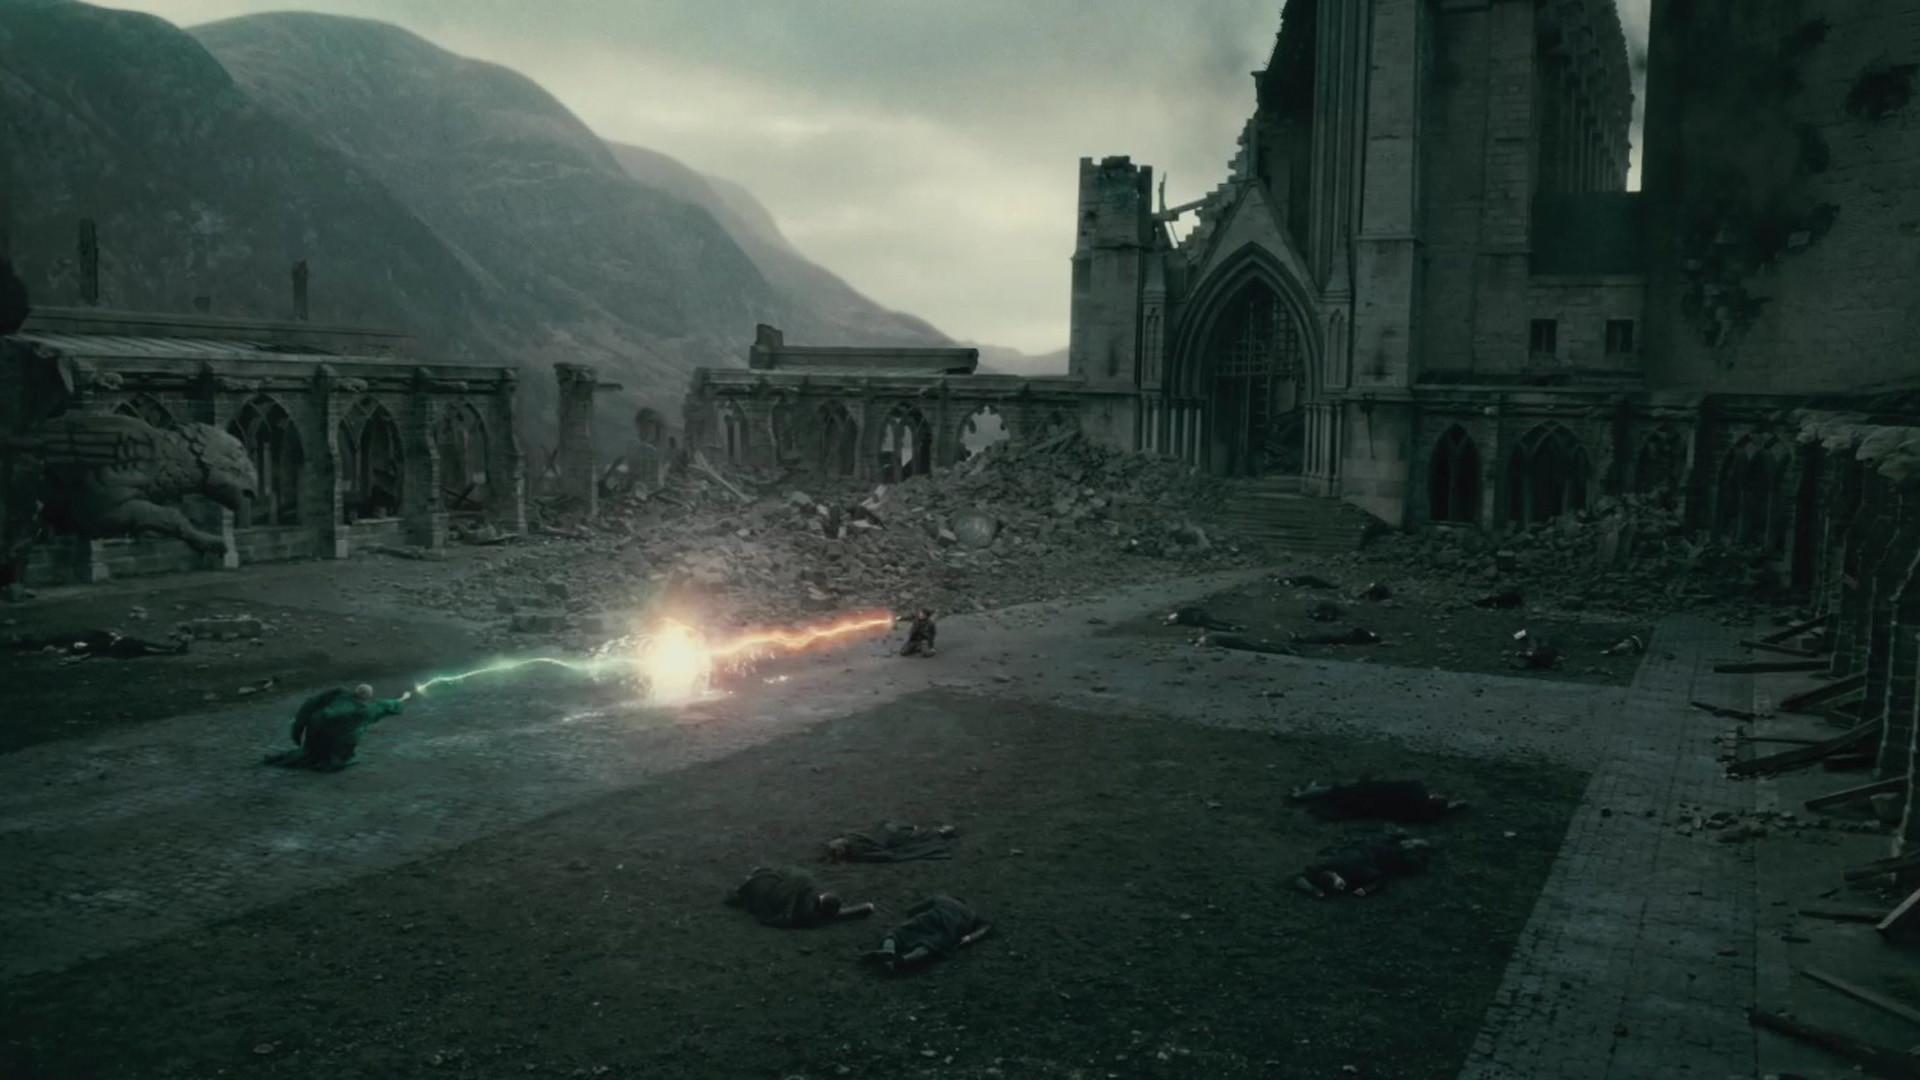 Harry Potter Desktop Background: Hogwarts Wallpaper HD (64+ Images